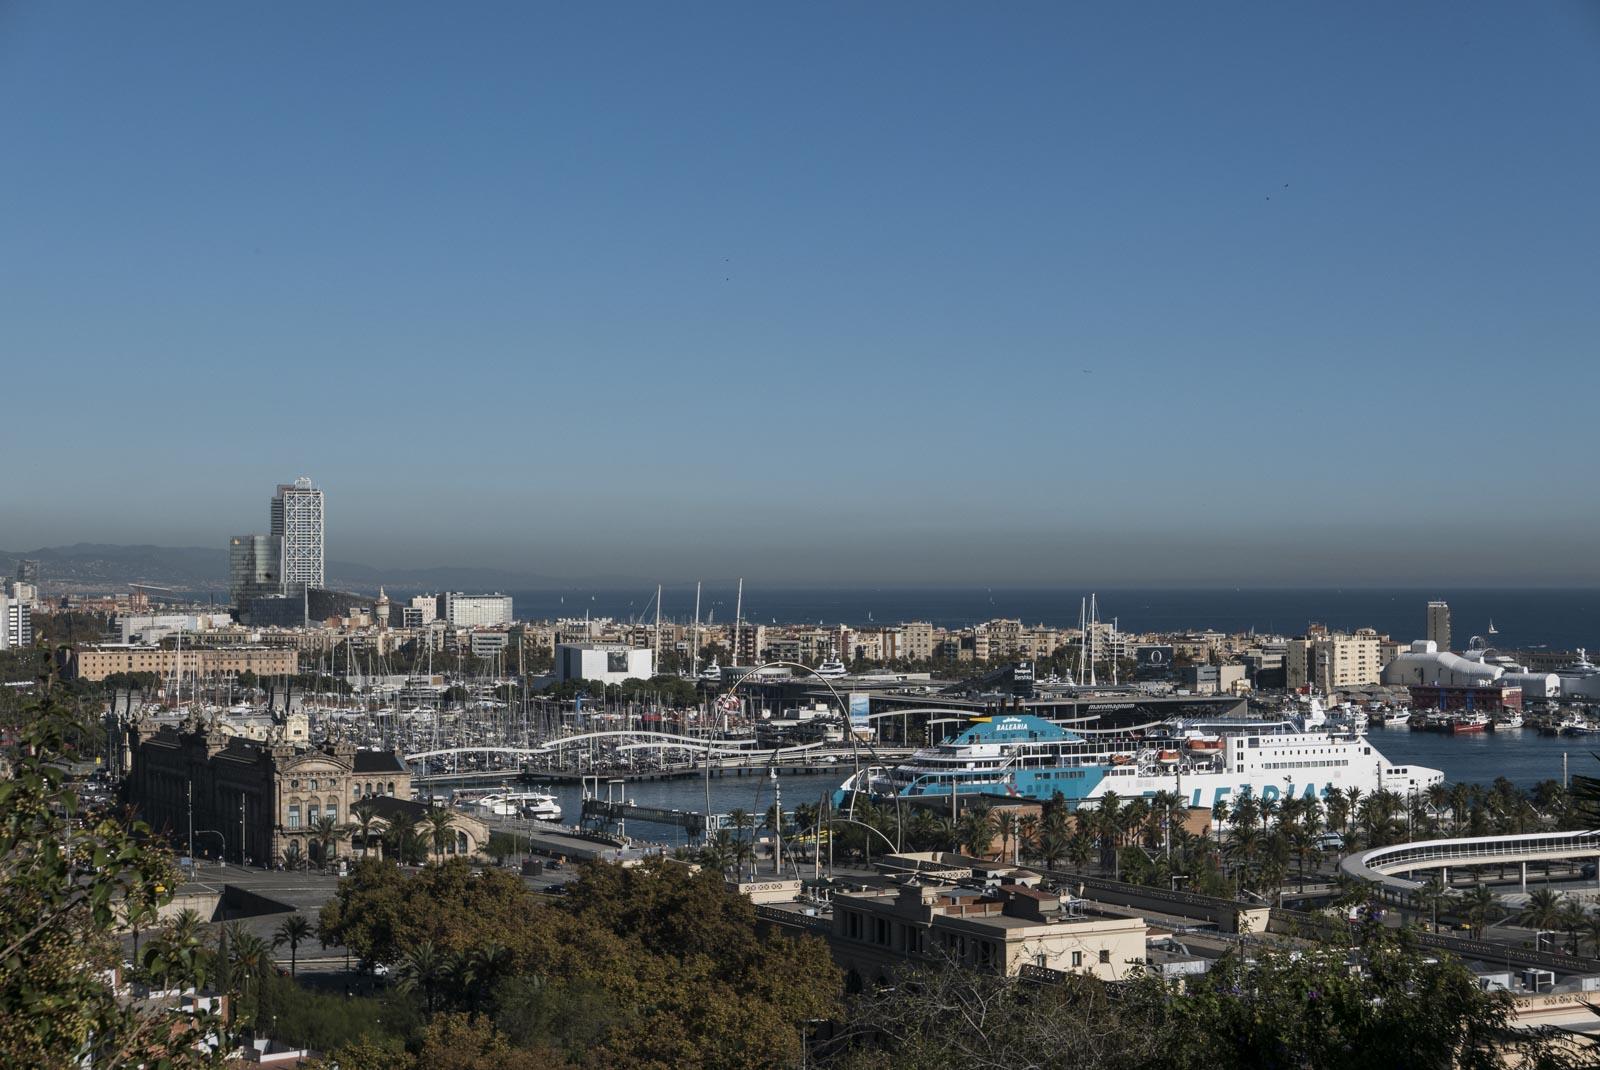 Flott utsikt over havna fra Hotel Miramar